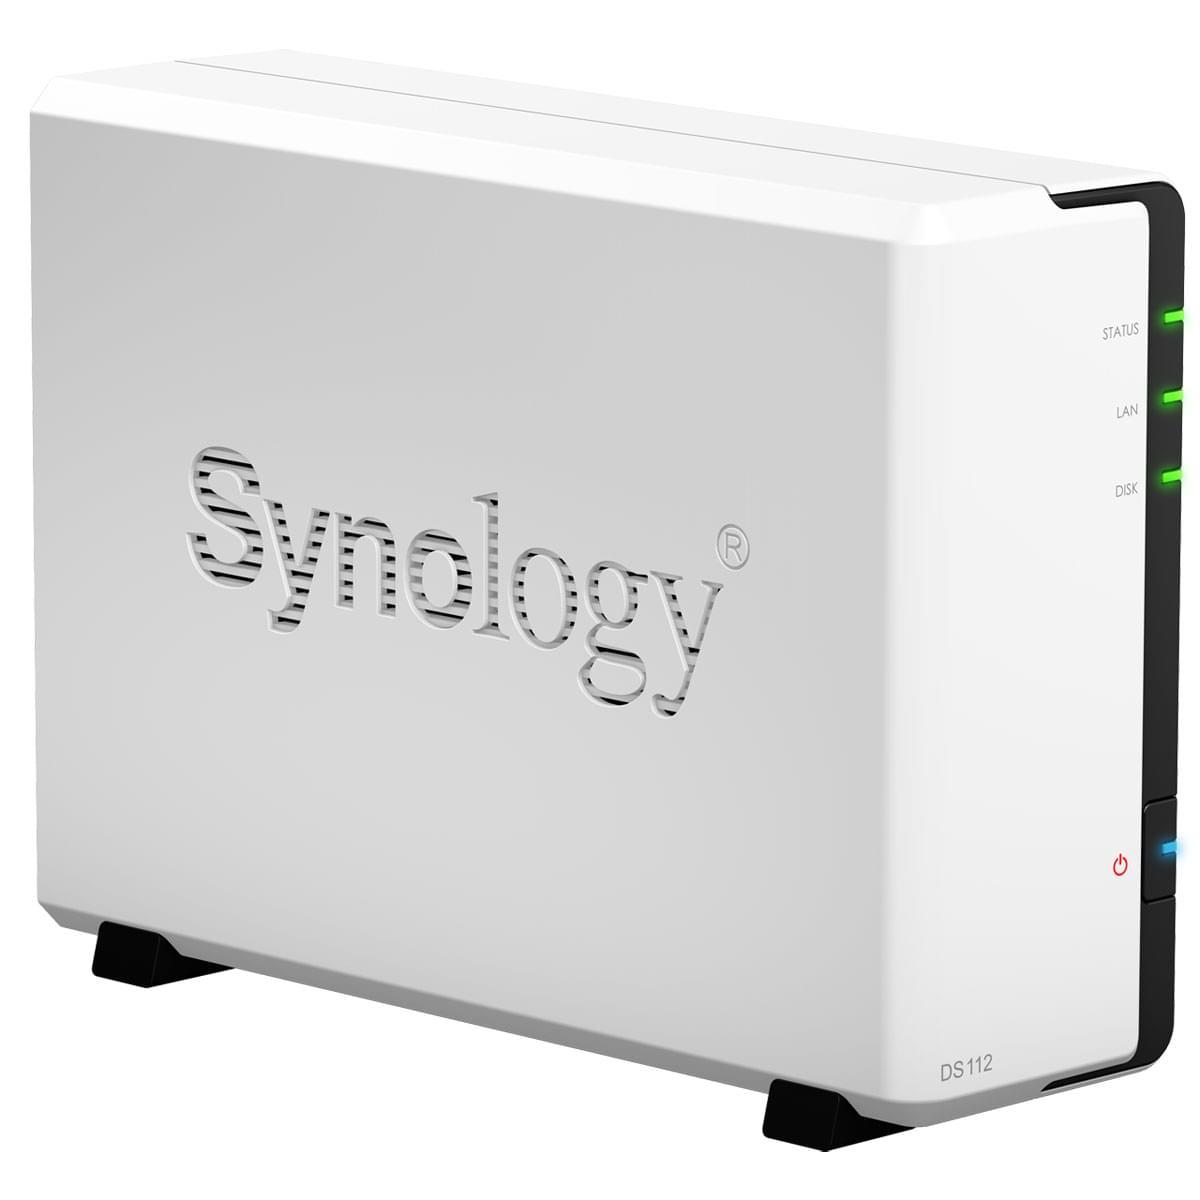 Synology NAS RJ45 (DS112) - Achat / Vente Boîtier externe sur Cybertek.fr - 0